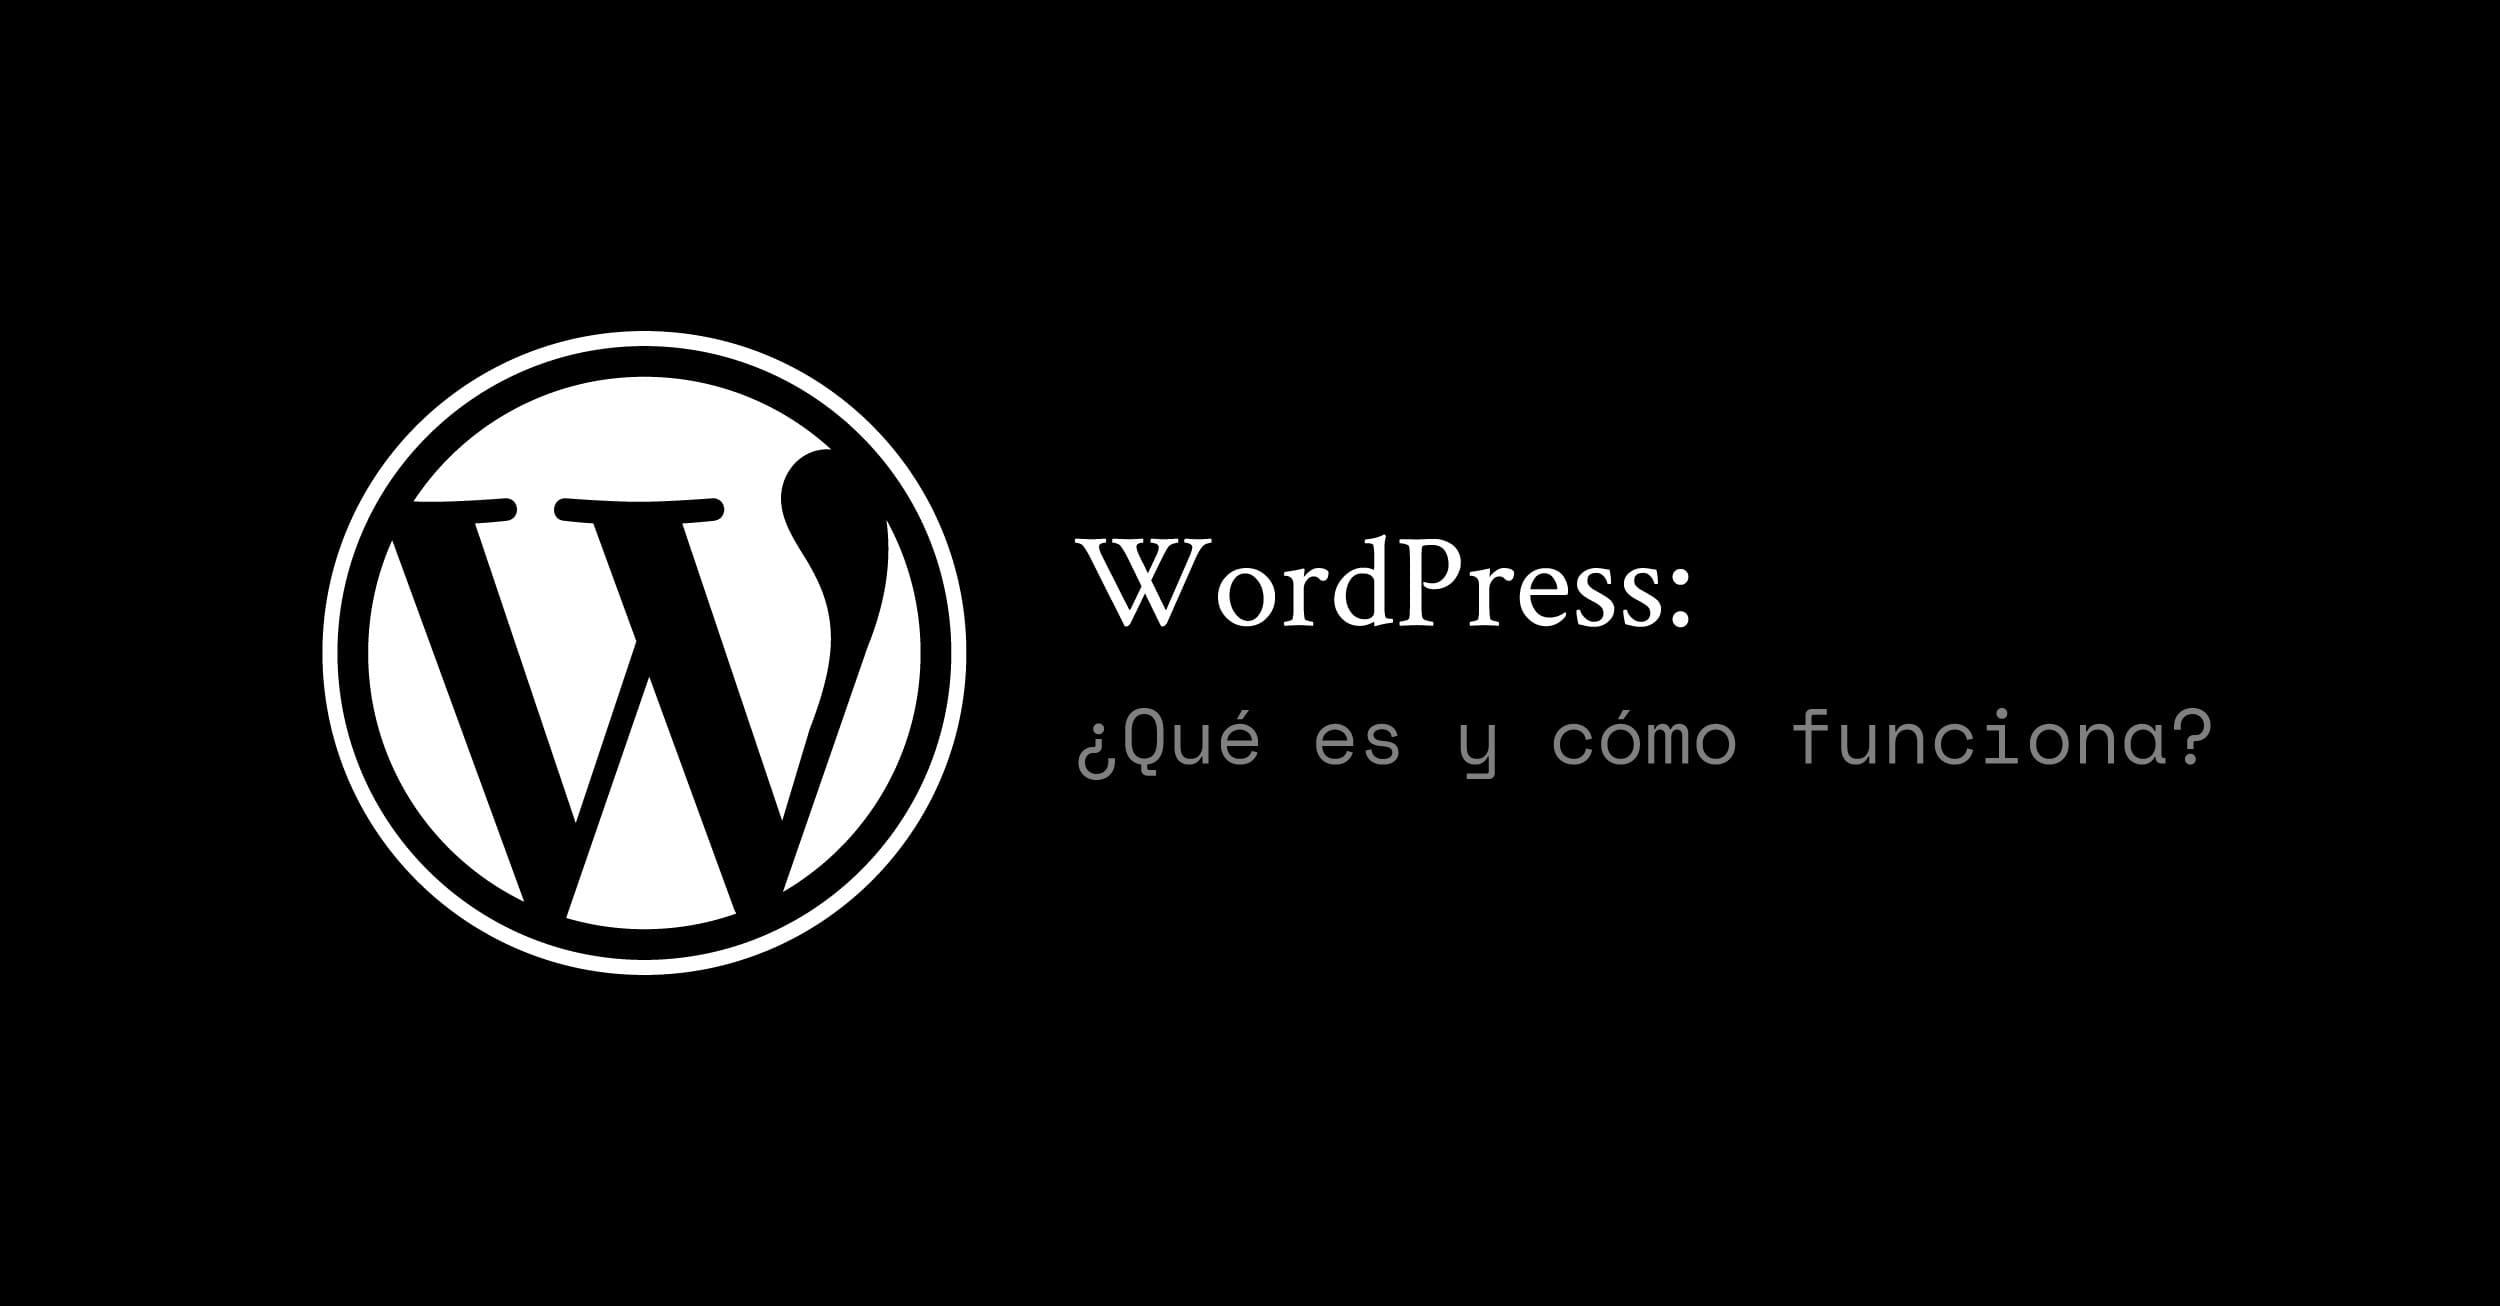 WordPress: ¿Qué es y cómo funciona?